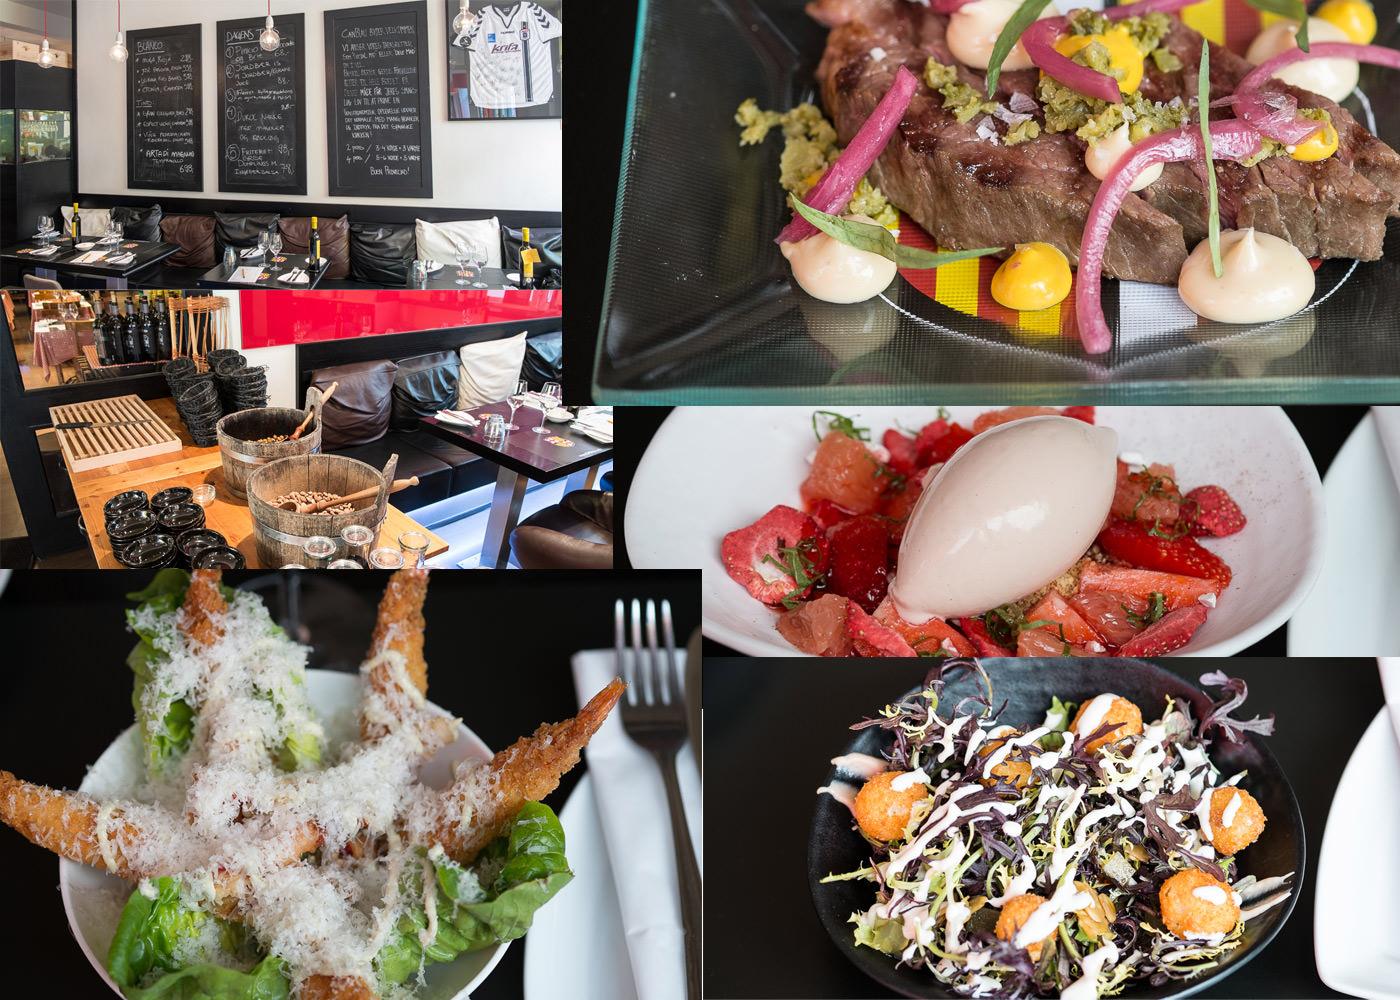 Frokost-på-Canblau-i-Aarhus